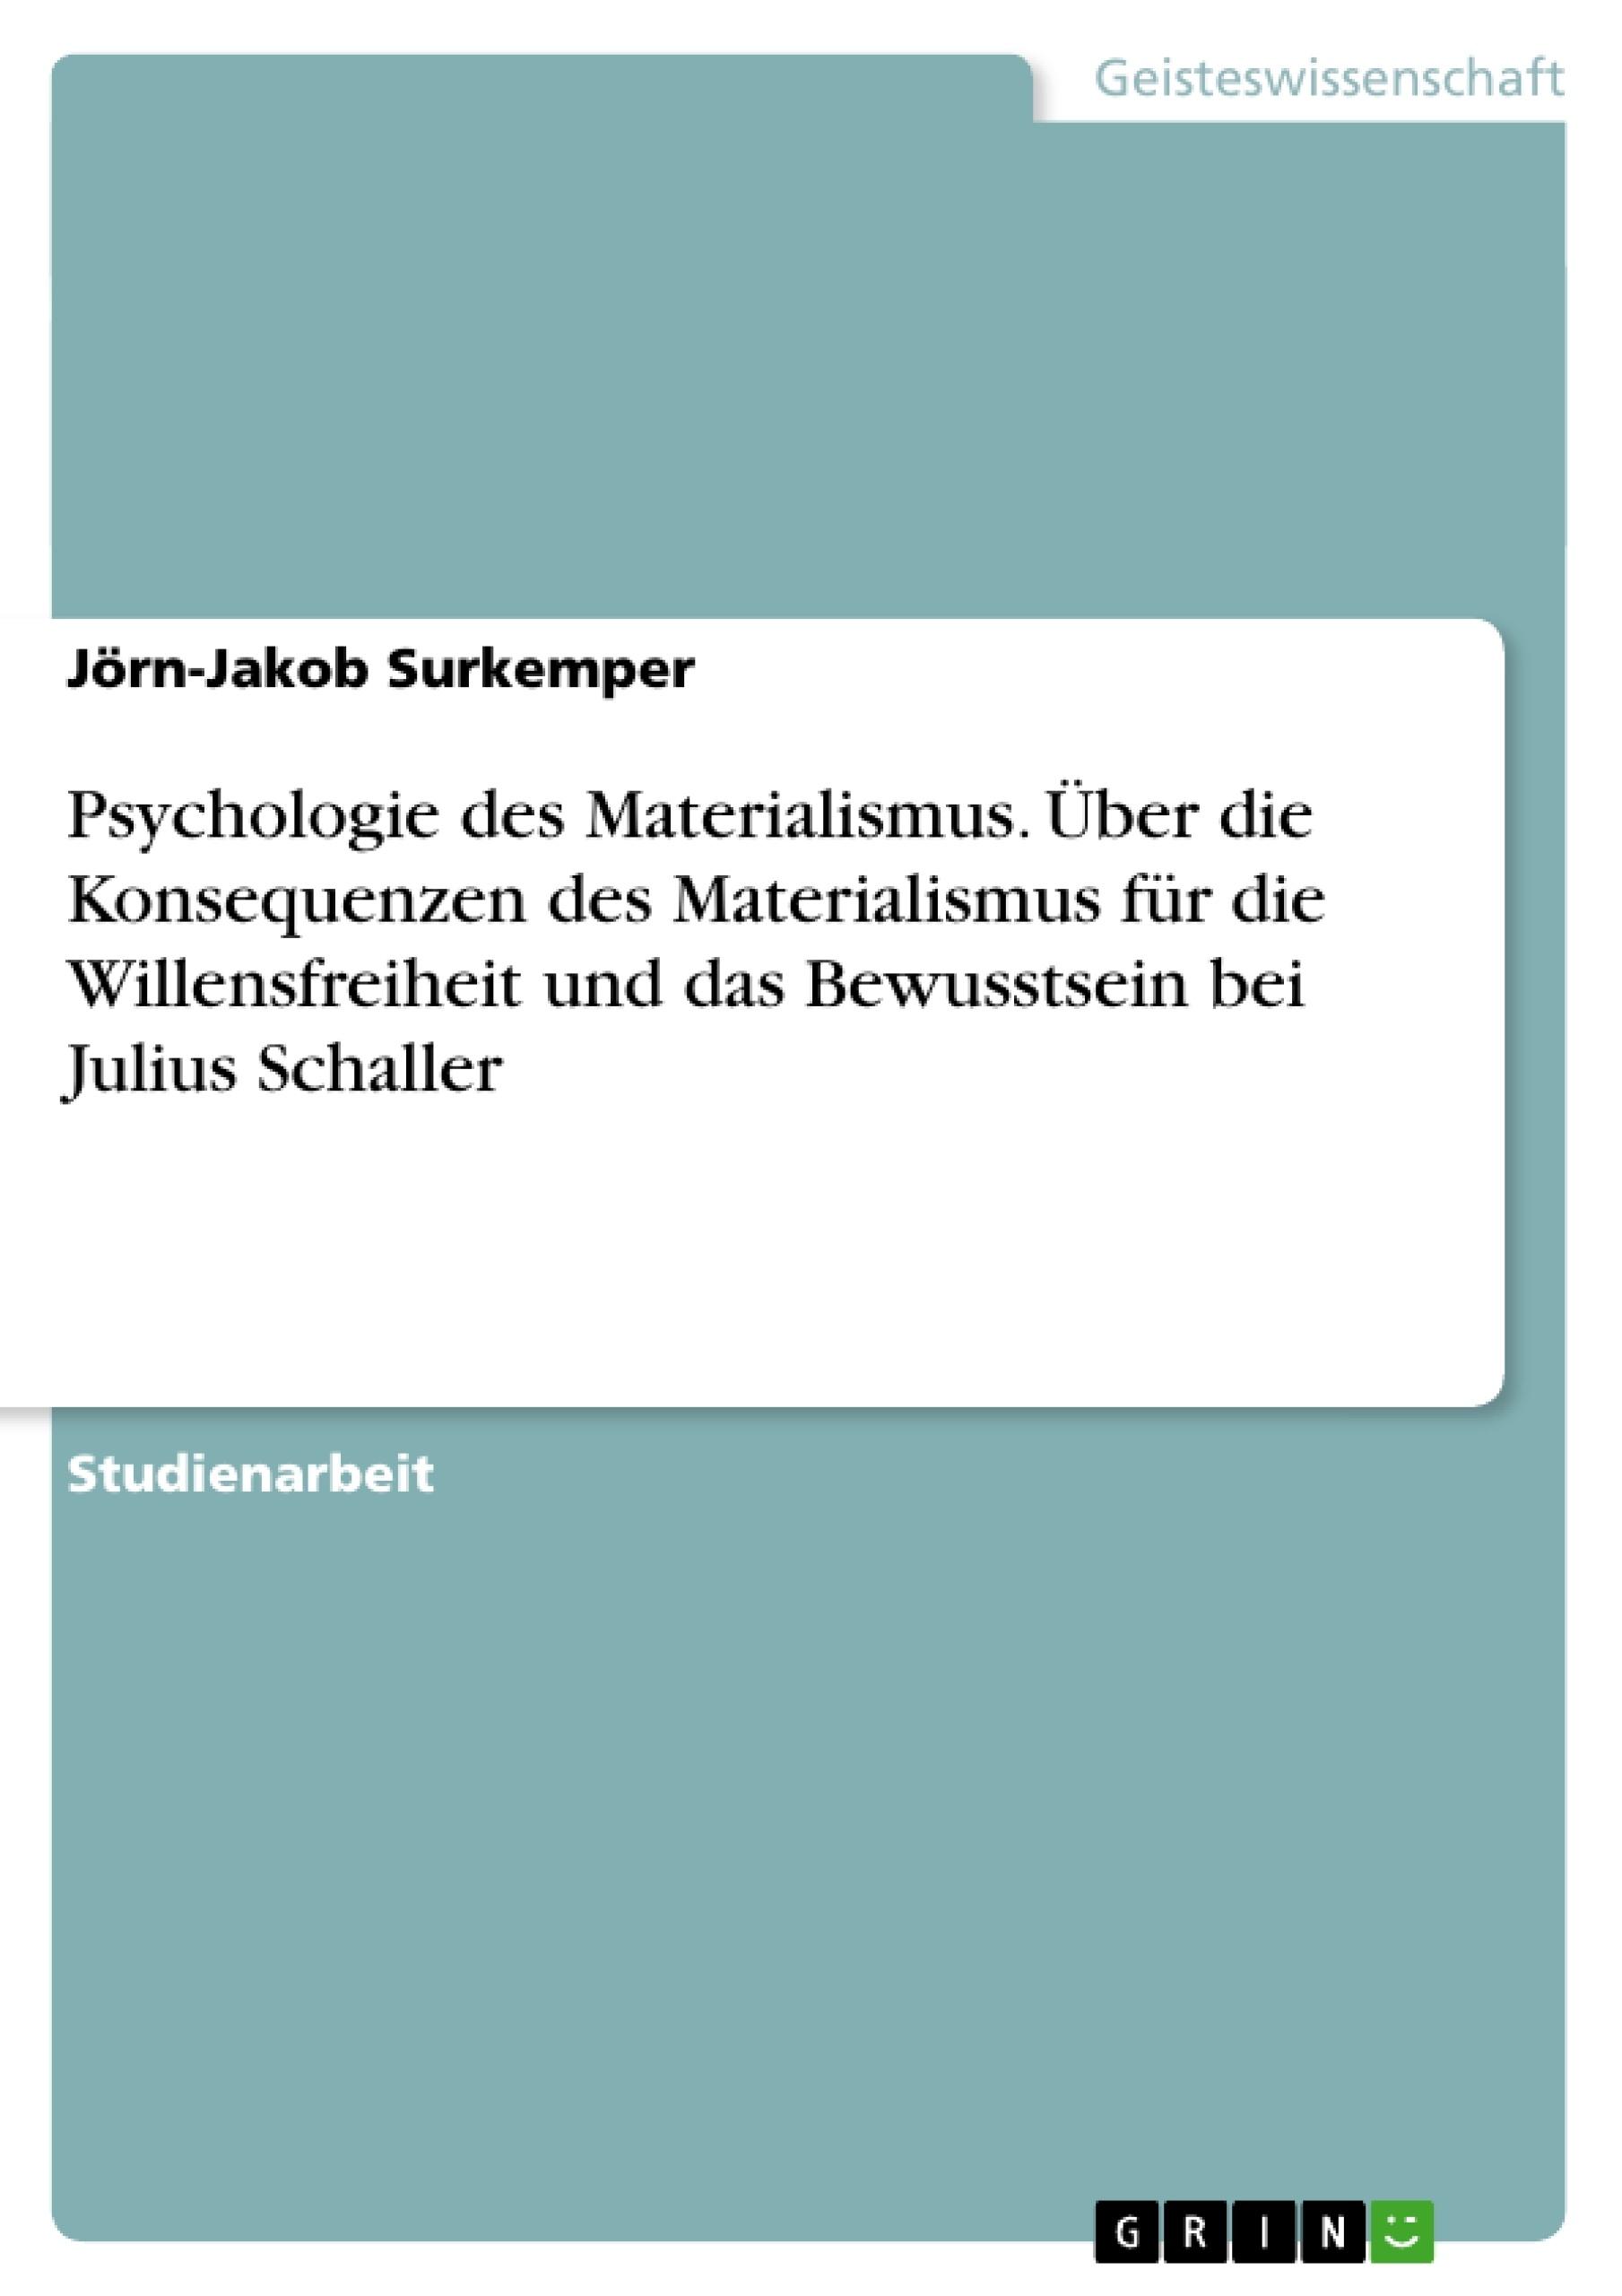 Titel: Psychologie des Materialismus. Über die Konsequenzen des Materialismus für die Willensfreiheit und das Bewusstsein bei Julius Schaller